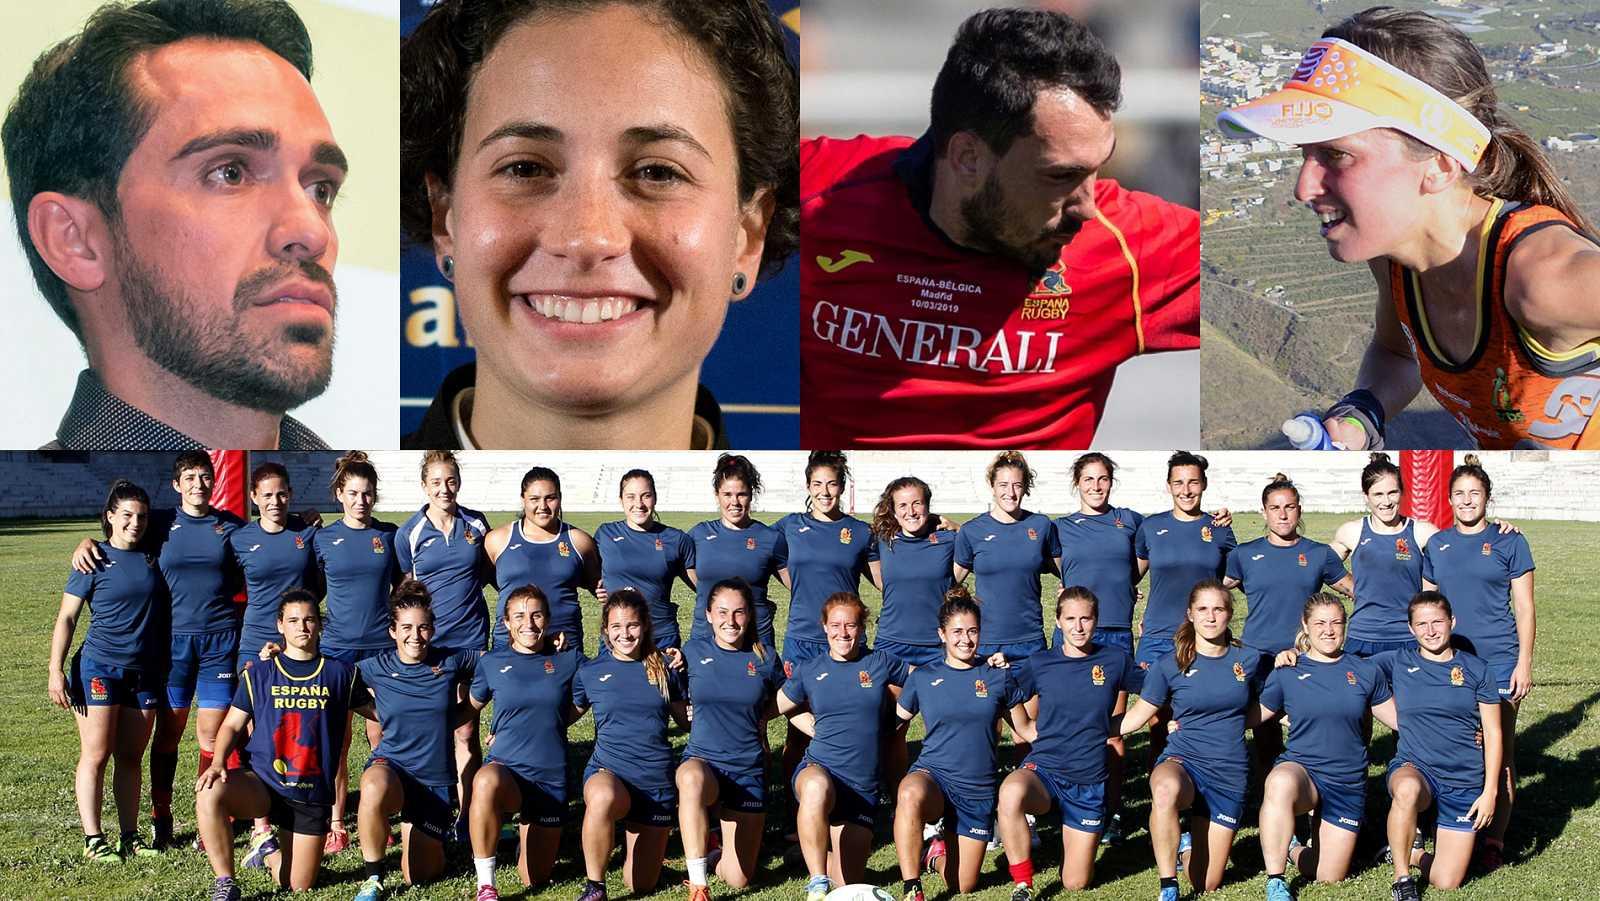 Más deportistas se suman al reto #QuédateEnCasa con Teledeporte